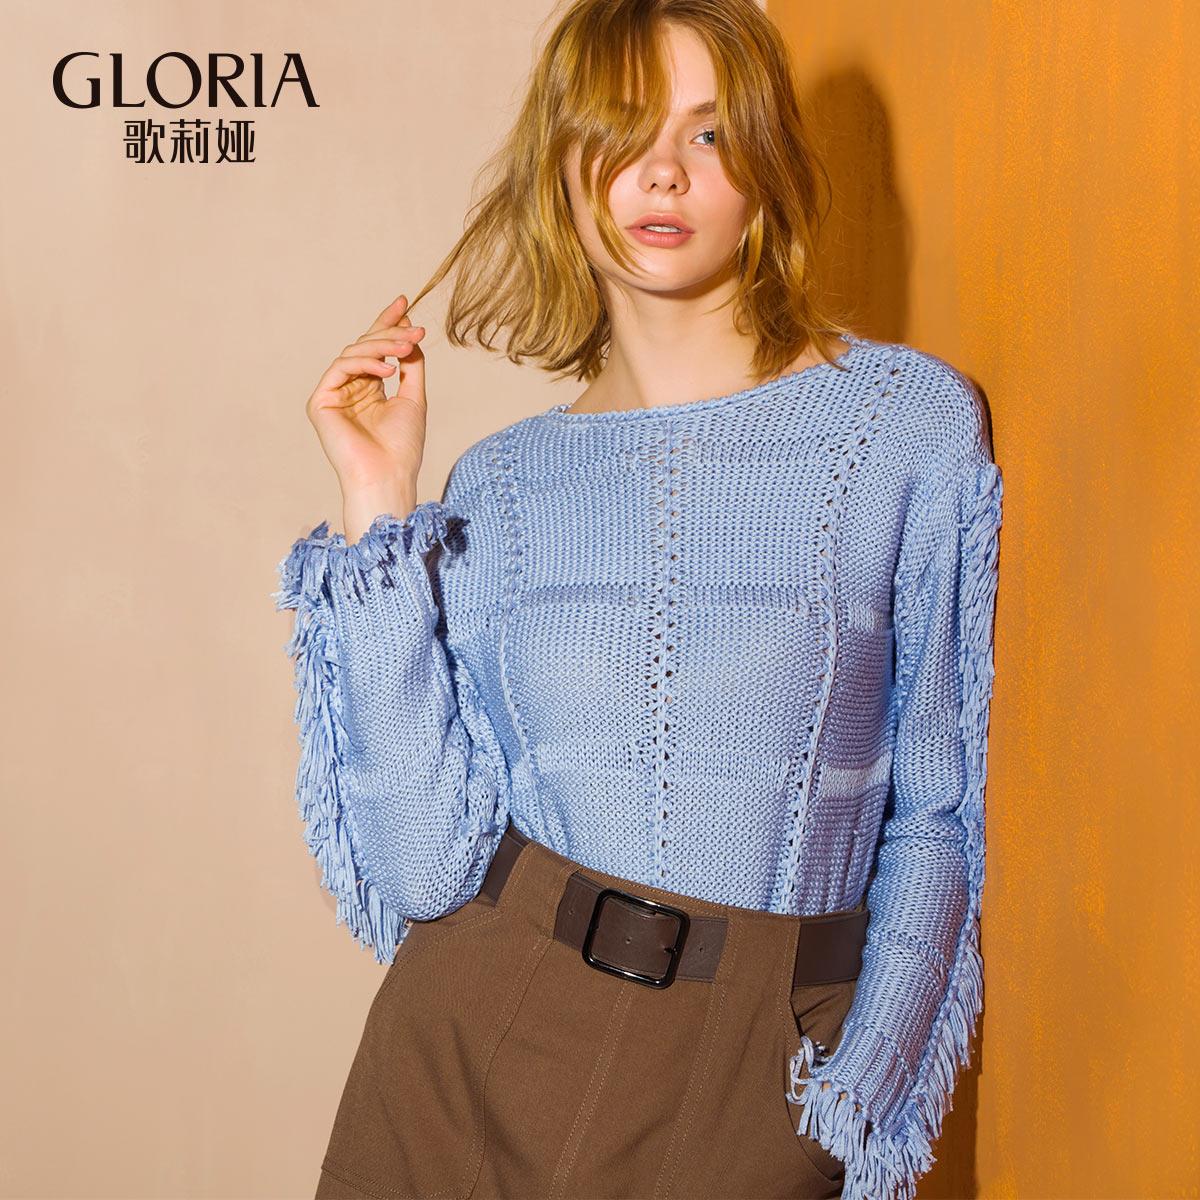 歌莉娅女装 GLORIA歌莉娅2017春流苏长袖毛衣女上衣171C5J350_推荐淘宝好看的歌莉娅